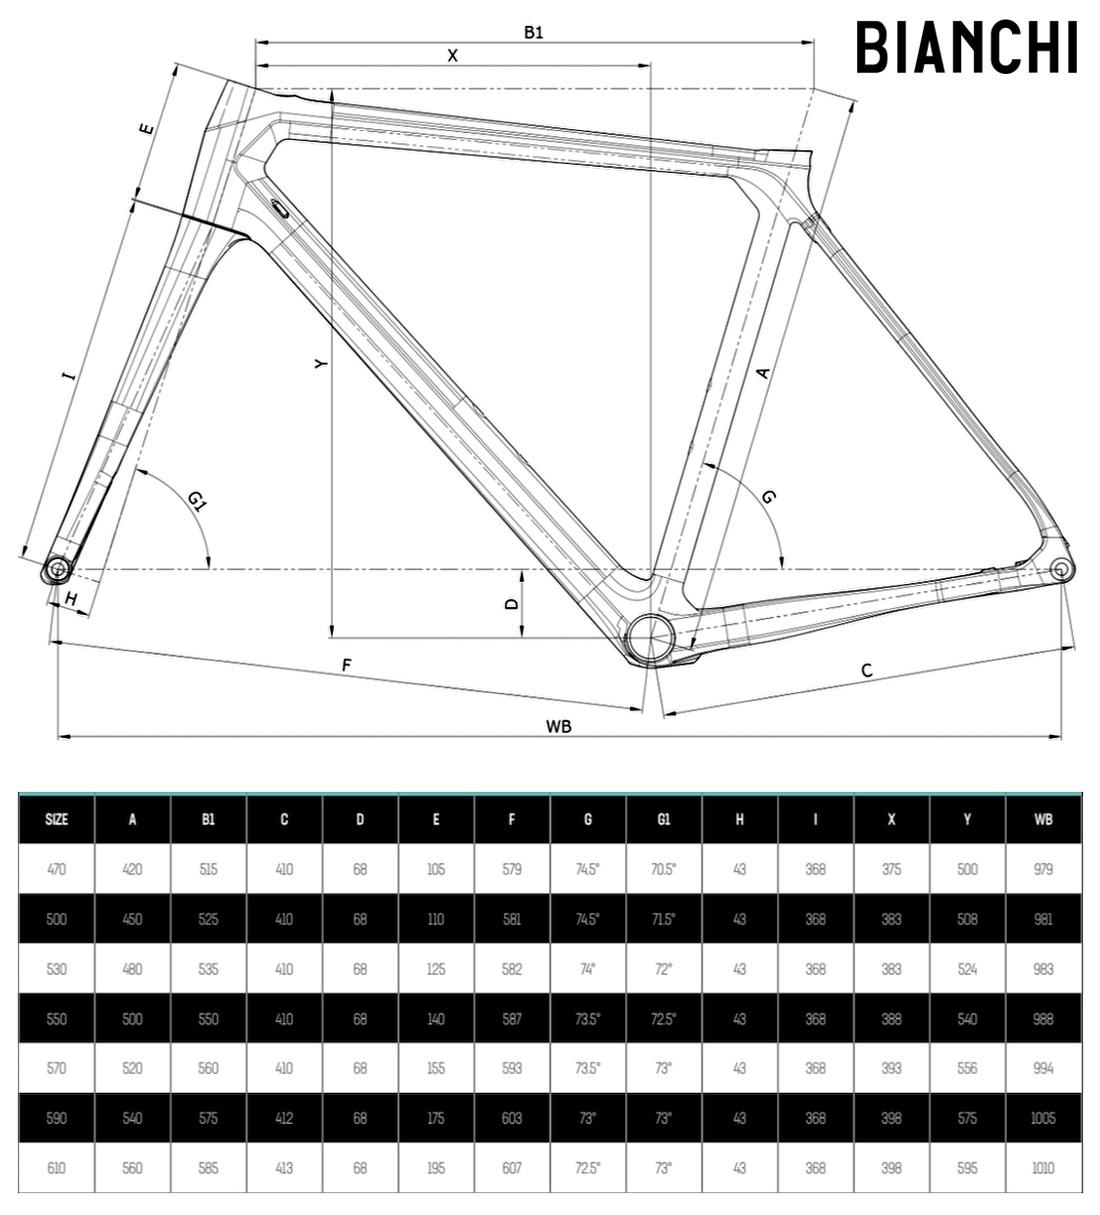 La tabella con le misure e le geometrie della bici Bianchi Specialissima Disc 2021